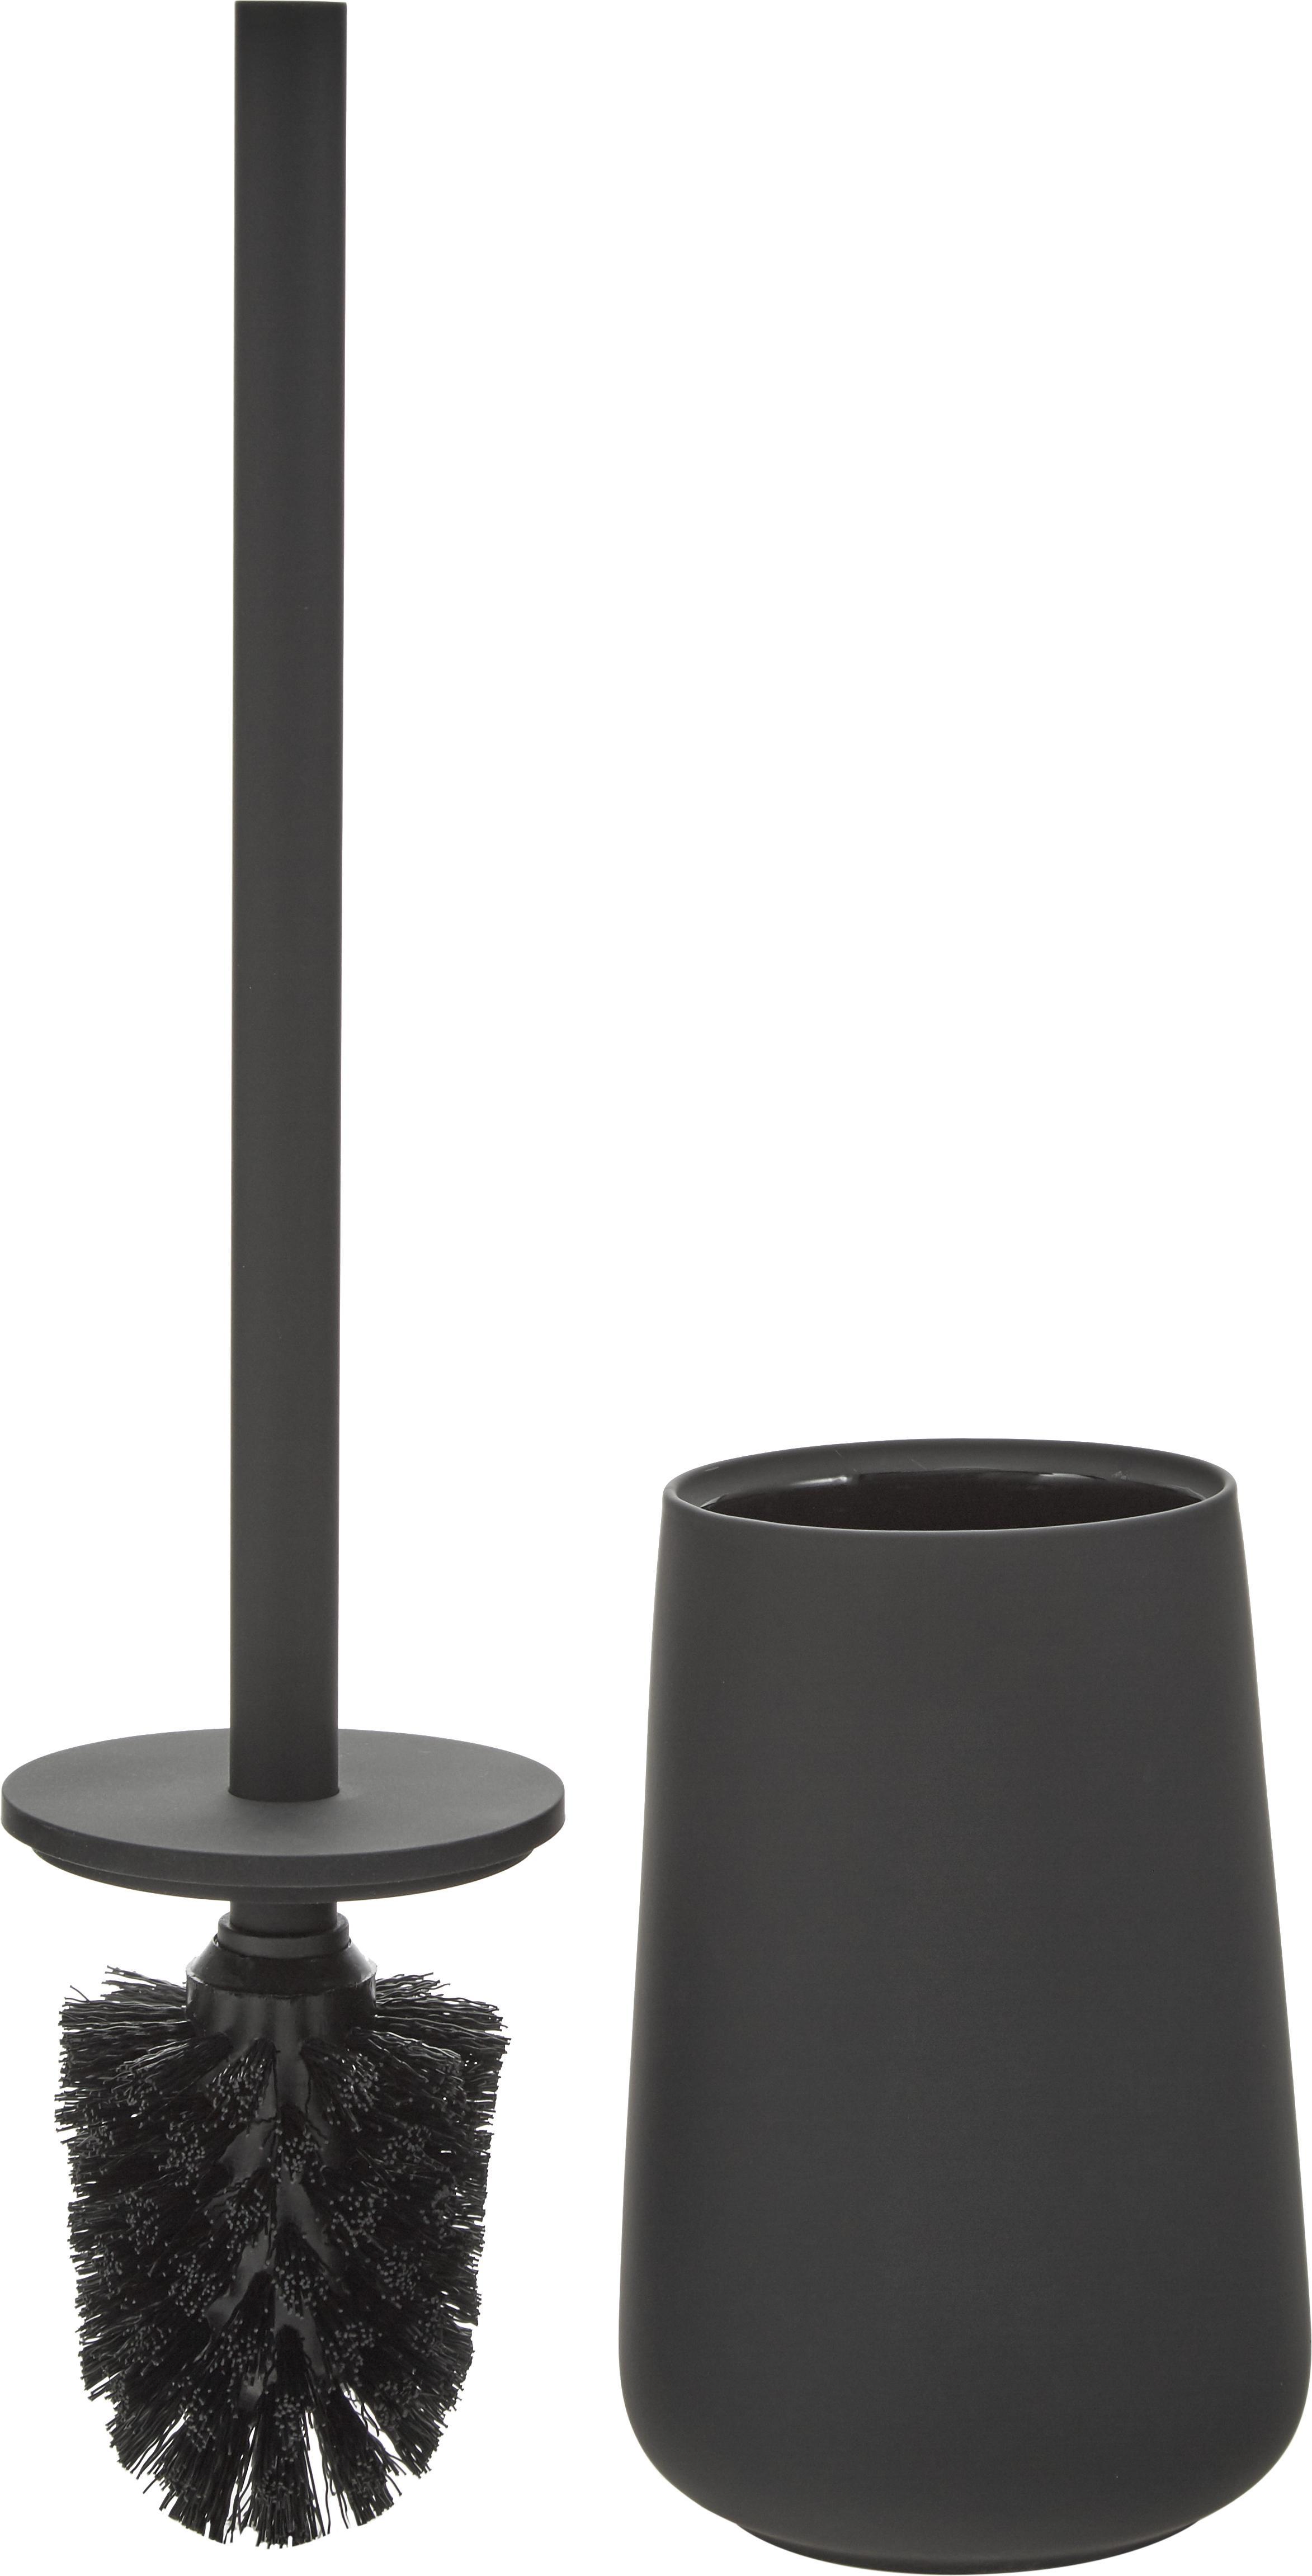 Toilettenbürste Nova One mit Porzellan-Behälter, Behälter: Porzellan, Griff: Edelstahl, matt lackiert, Schwarz, Ø 10 x H 43 cm